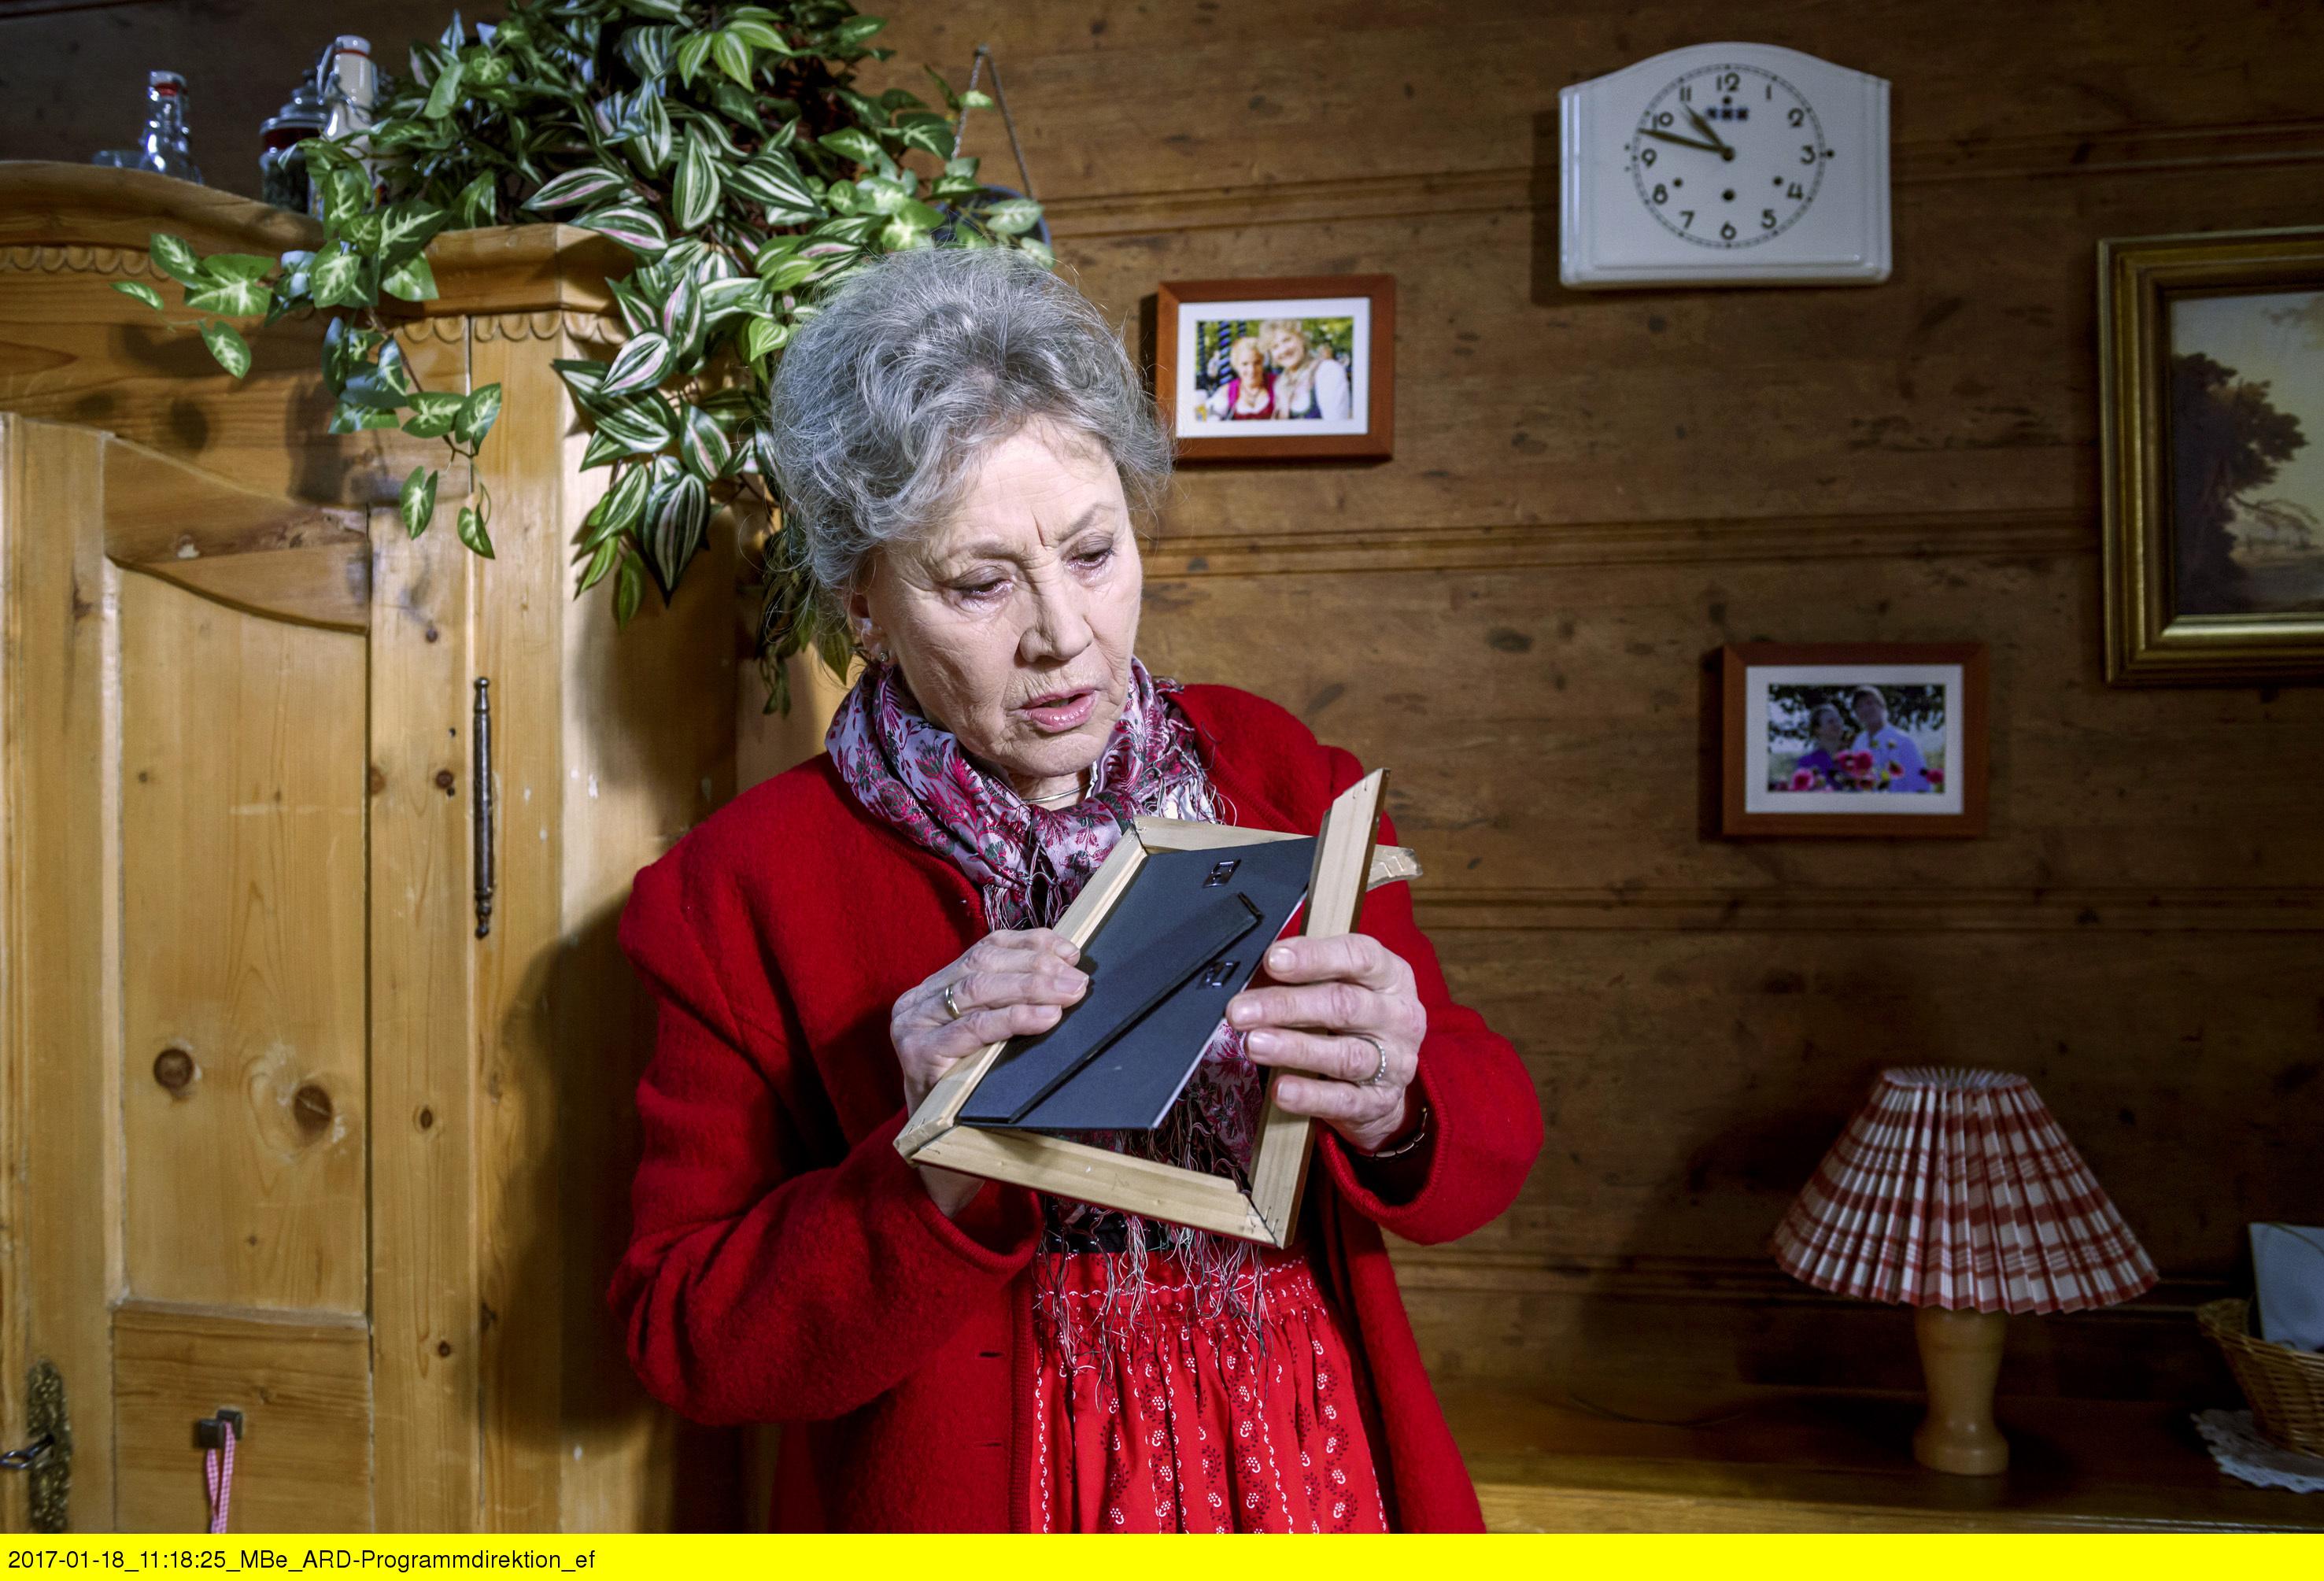 ARD STURM DER LIEBE FOLGE 2642, am Dienstag (07.03.17) um 15:10 Uhr im ERSTEN. Hildegard (Antje Hagen) entdeckt den zerbrochenen Taufteller von Marie. (Quelle: ARD/Christof Arnold)